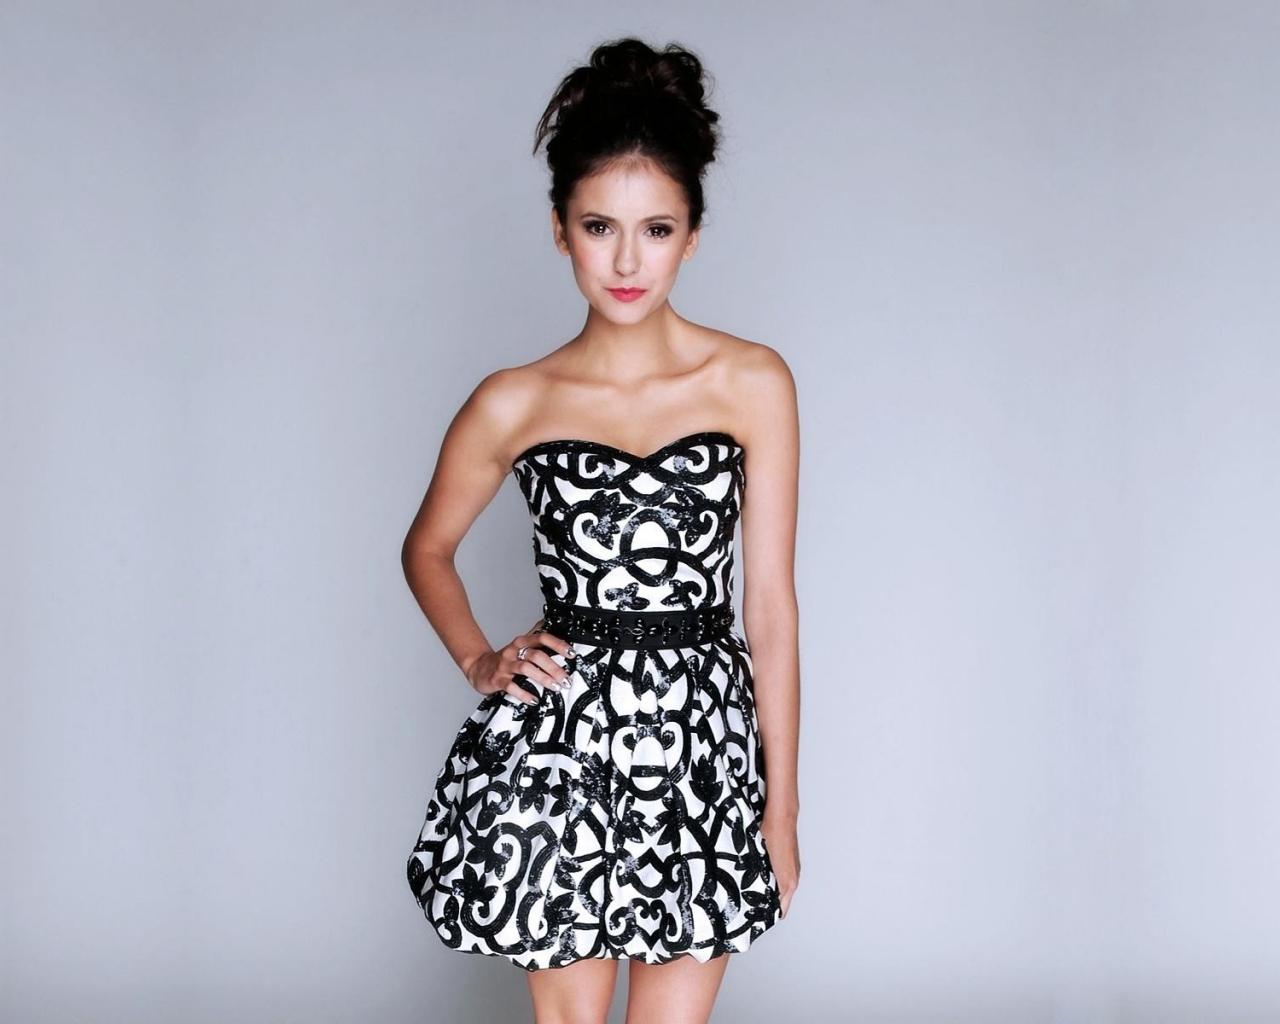 Vestido blanco y negro - 1280x1024